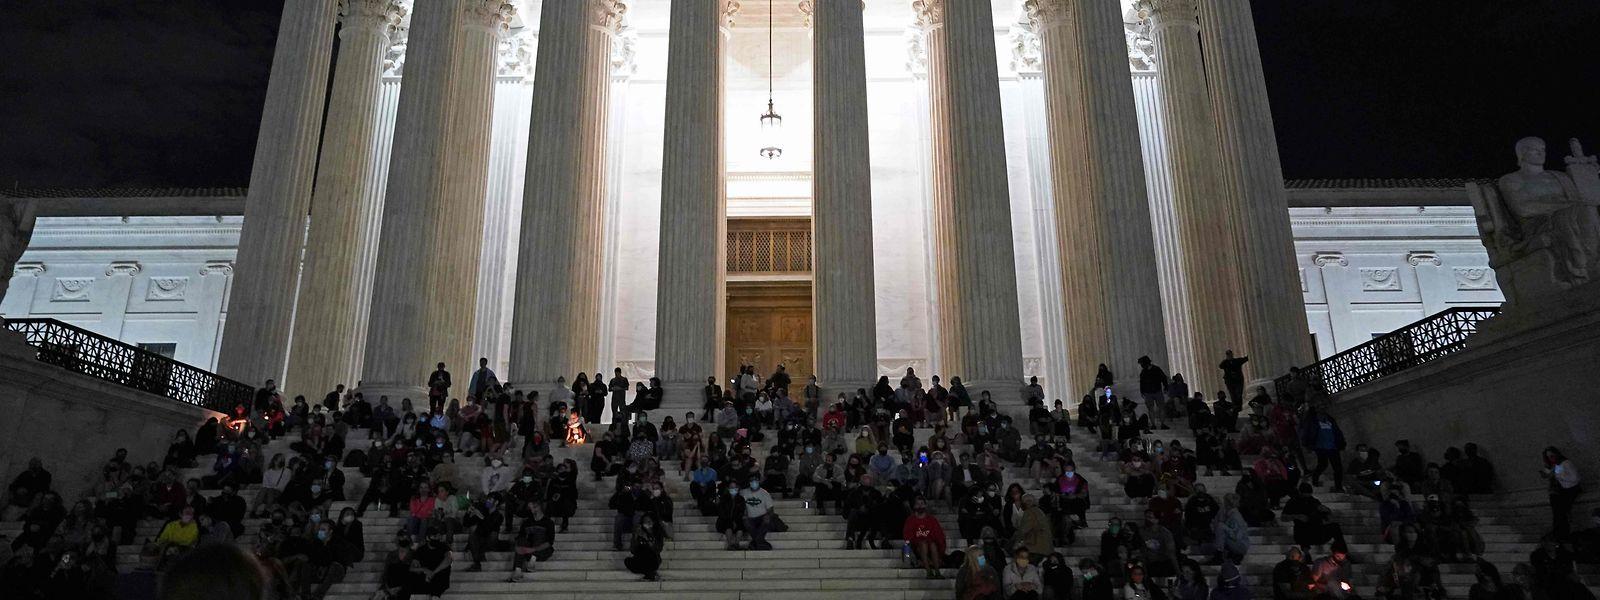 Nach dem Tod von Ruth Bader Ginsburg versammelten sich Demonstranten zu einer Mahnwache vor dem Supreme Court. Die Nachfolgedebatte spaltet das Land.